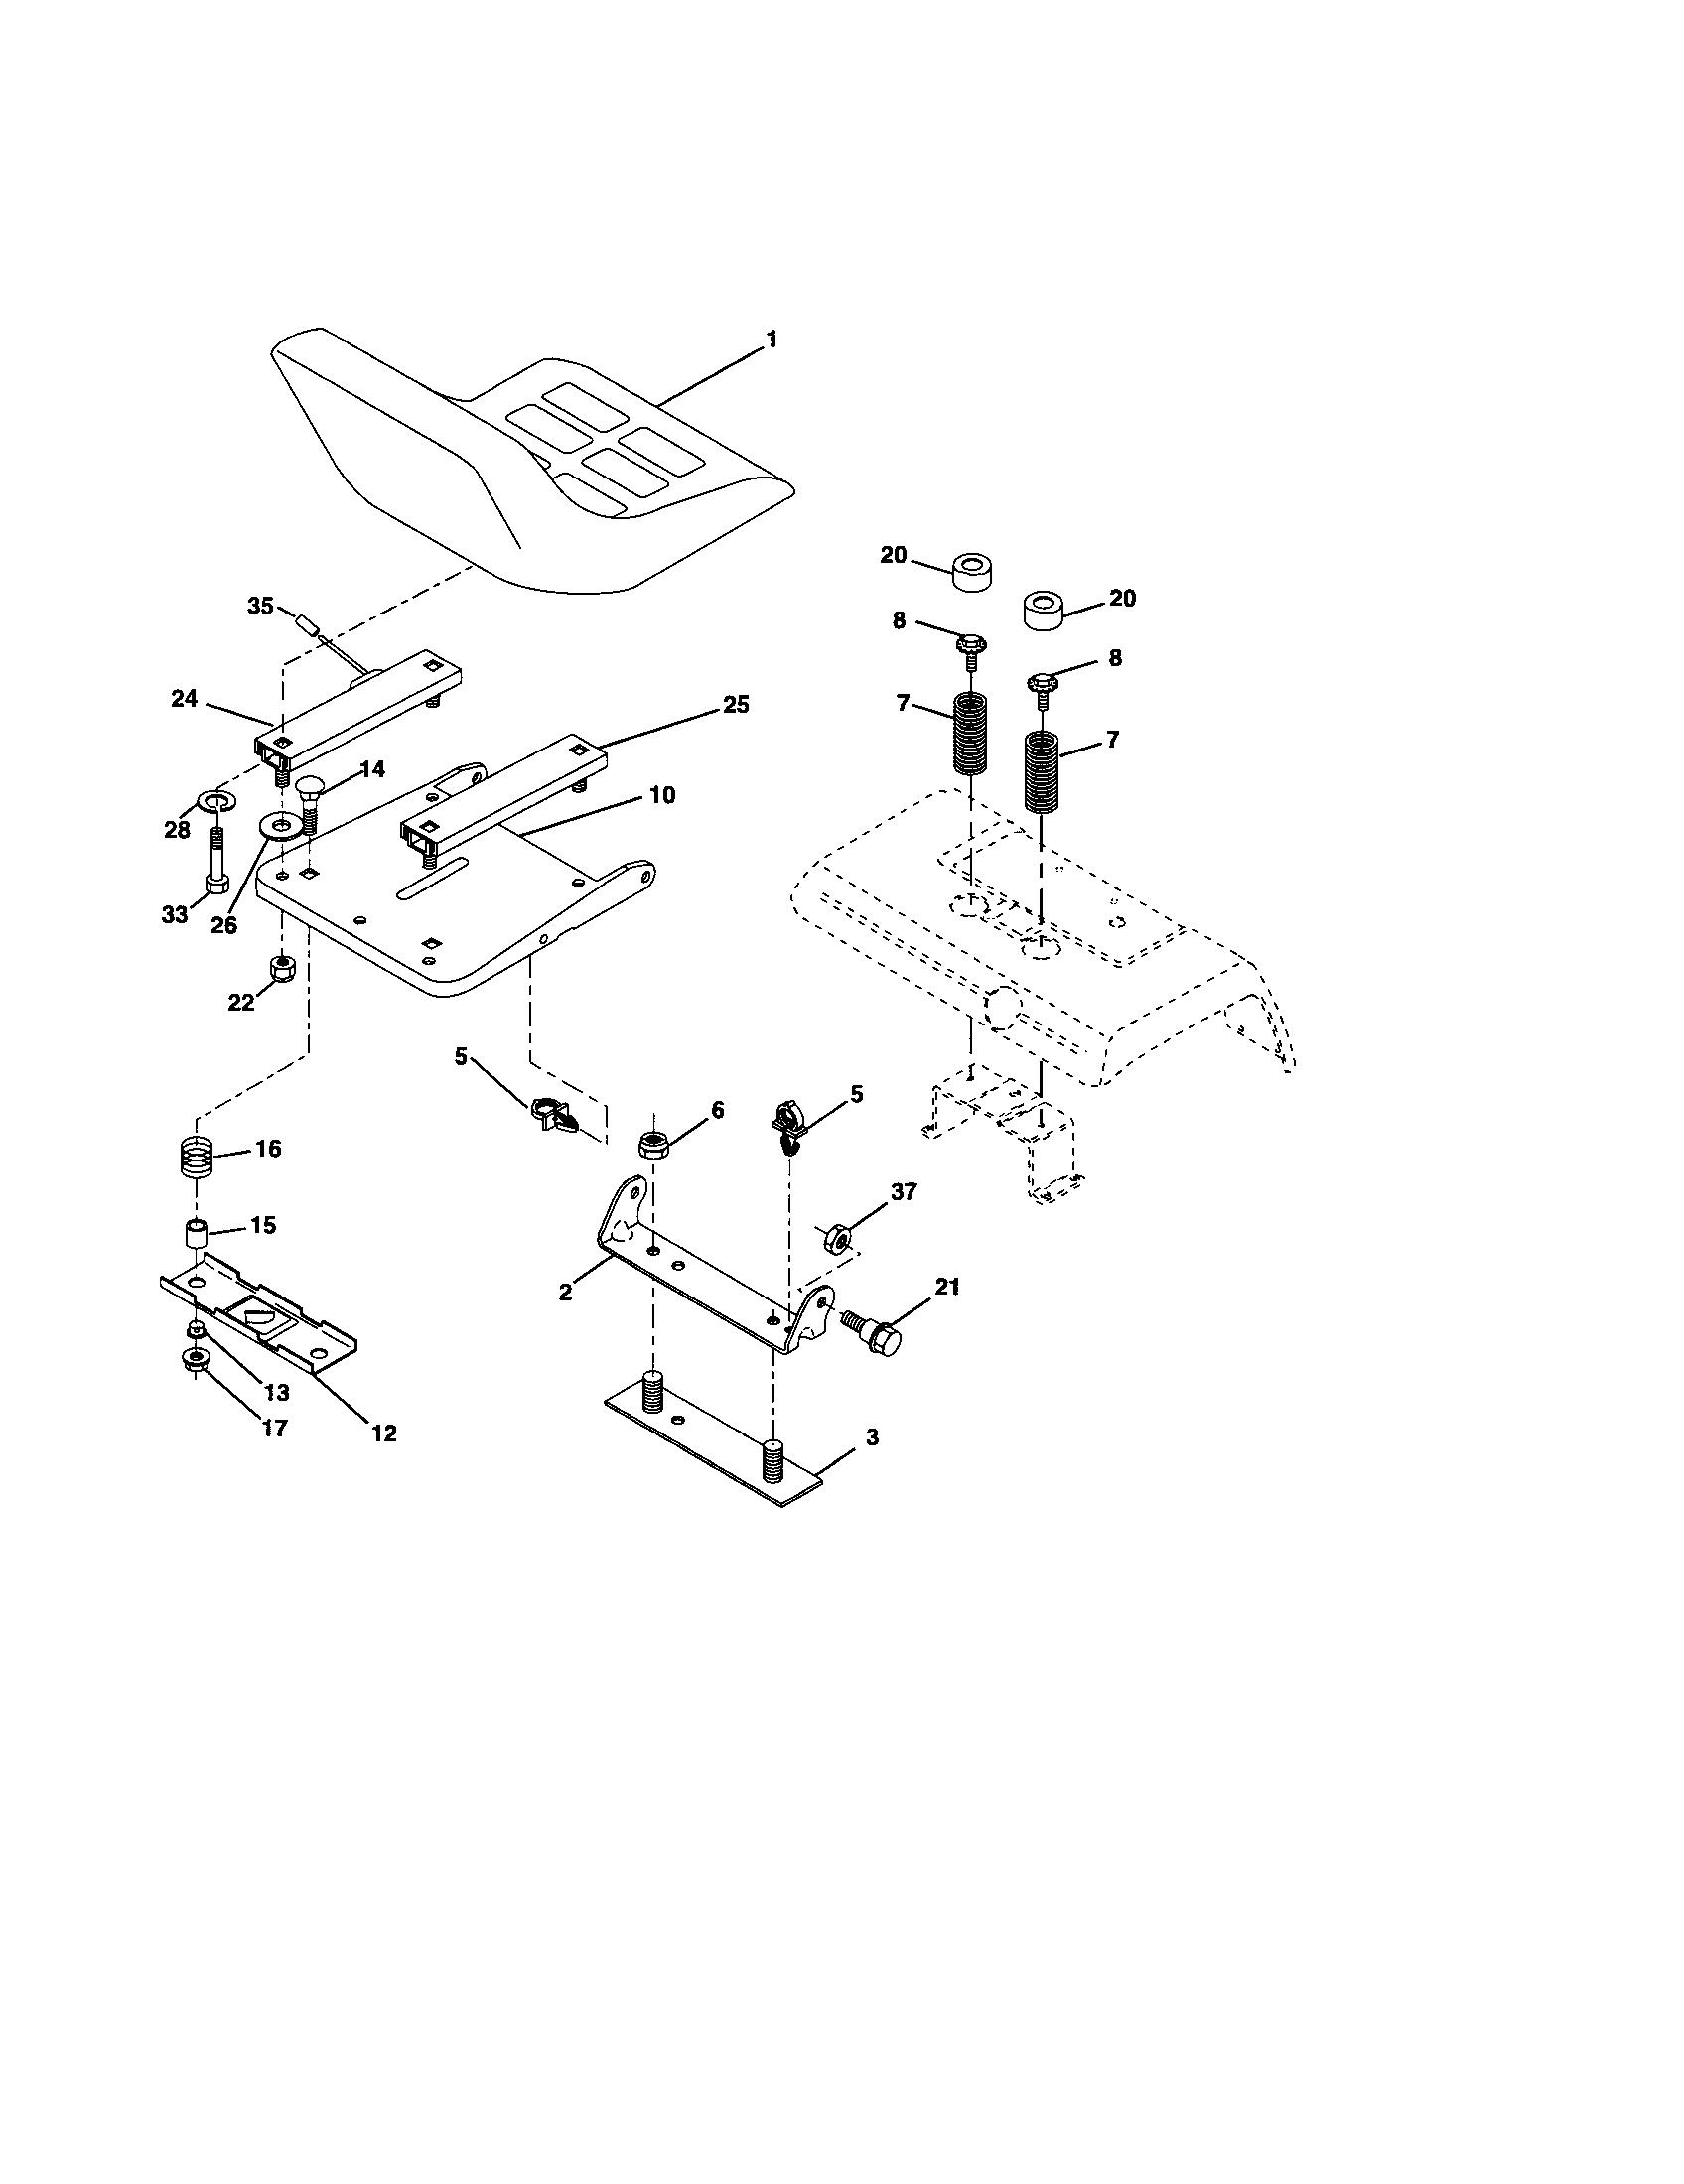 Husqvarna model GTH2654 lawn, tractor genuine parts